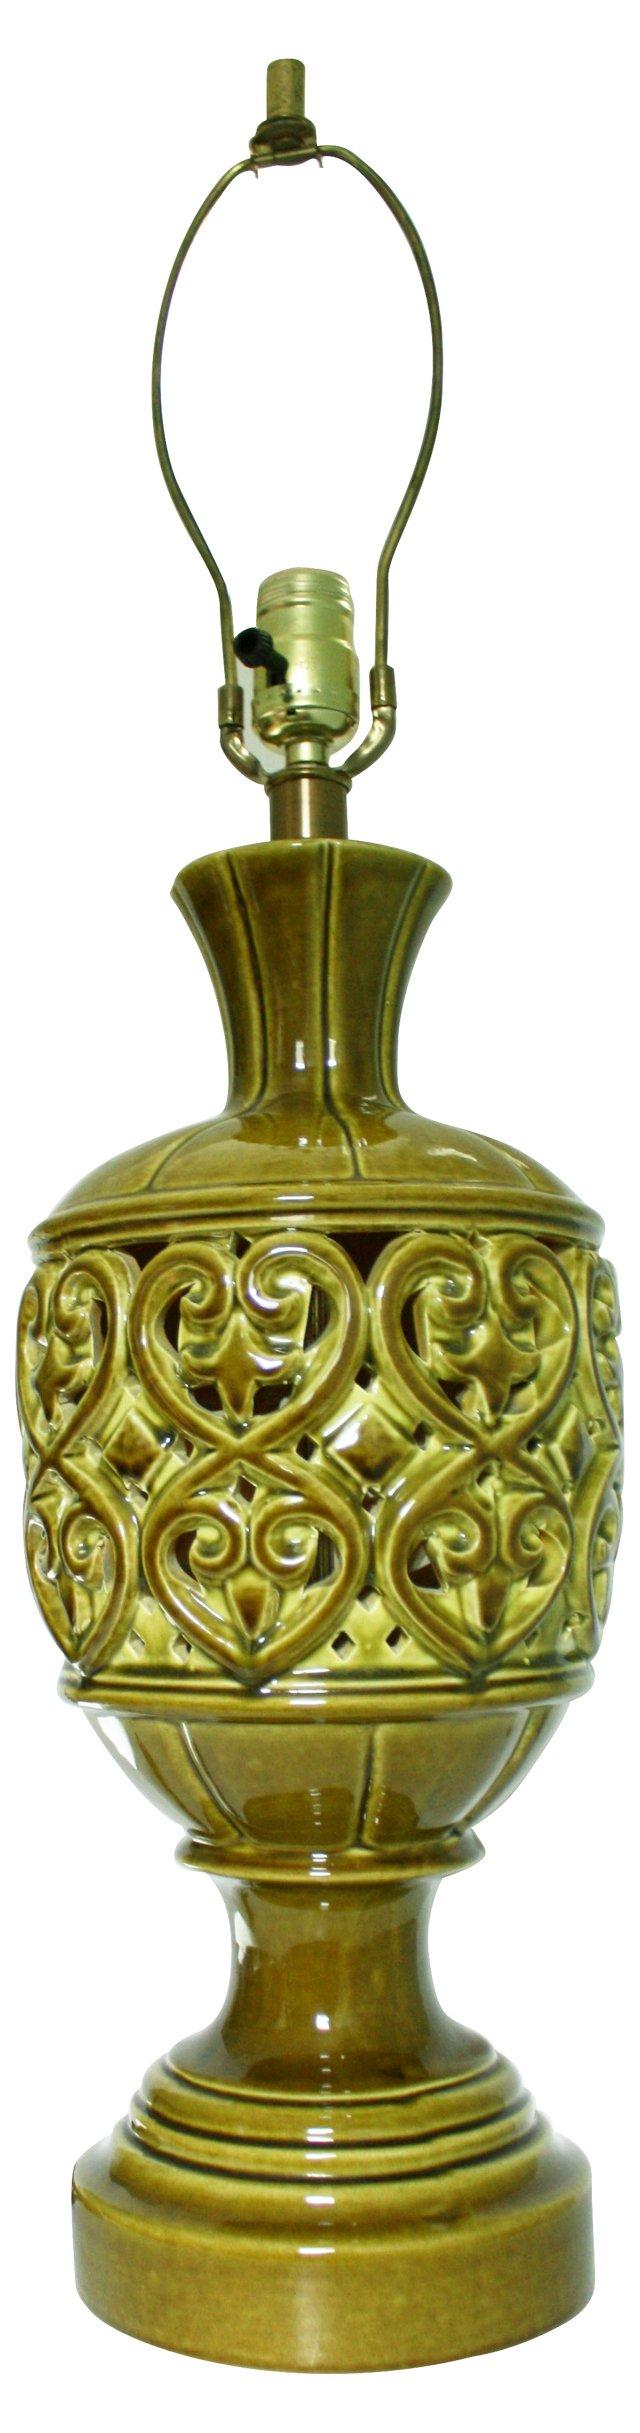 Pierced Porcelain Lamp